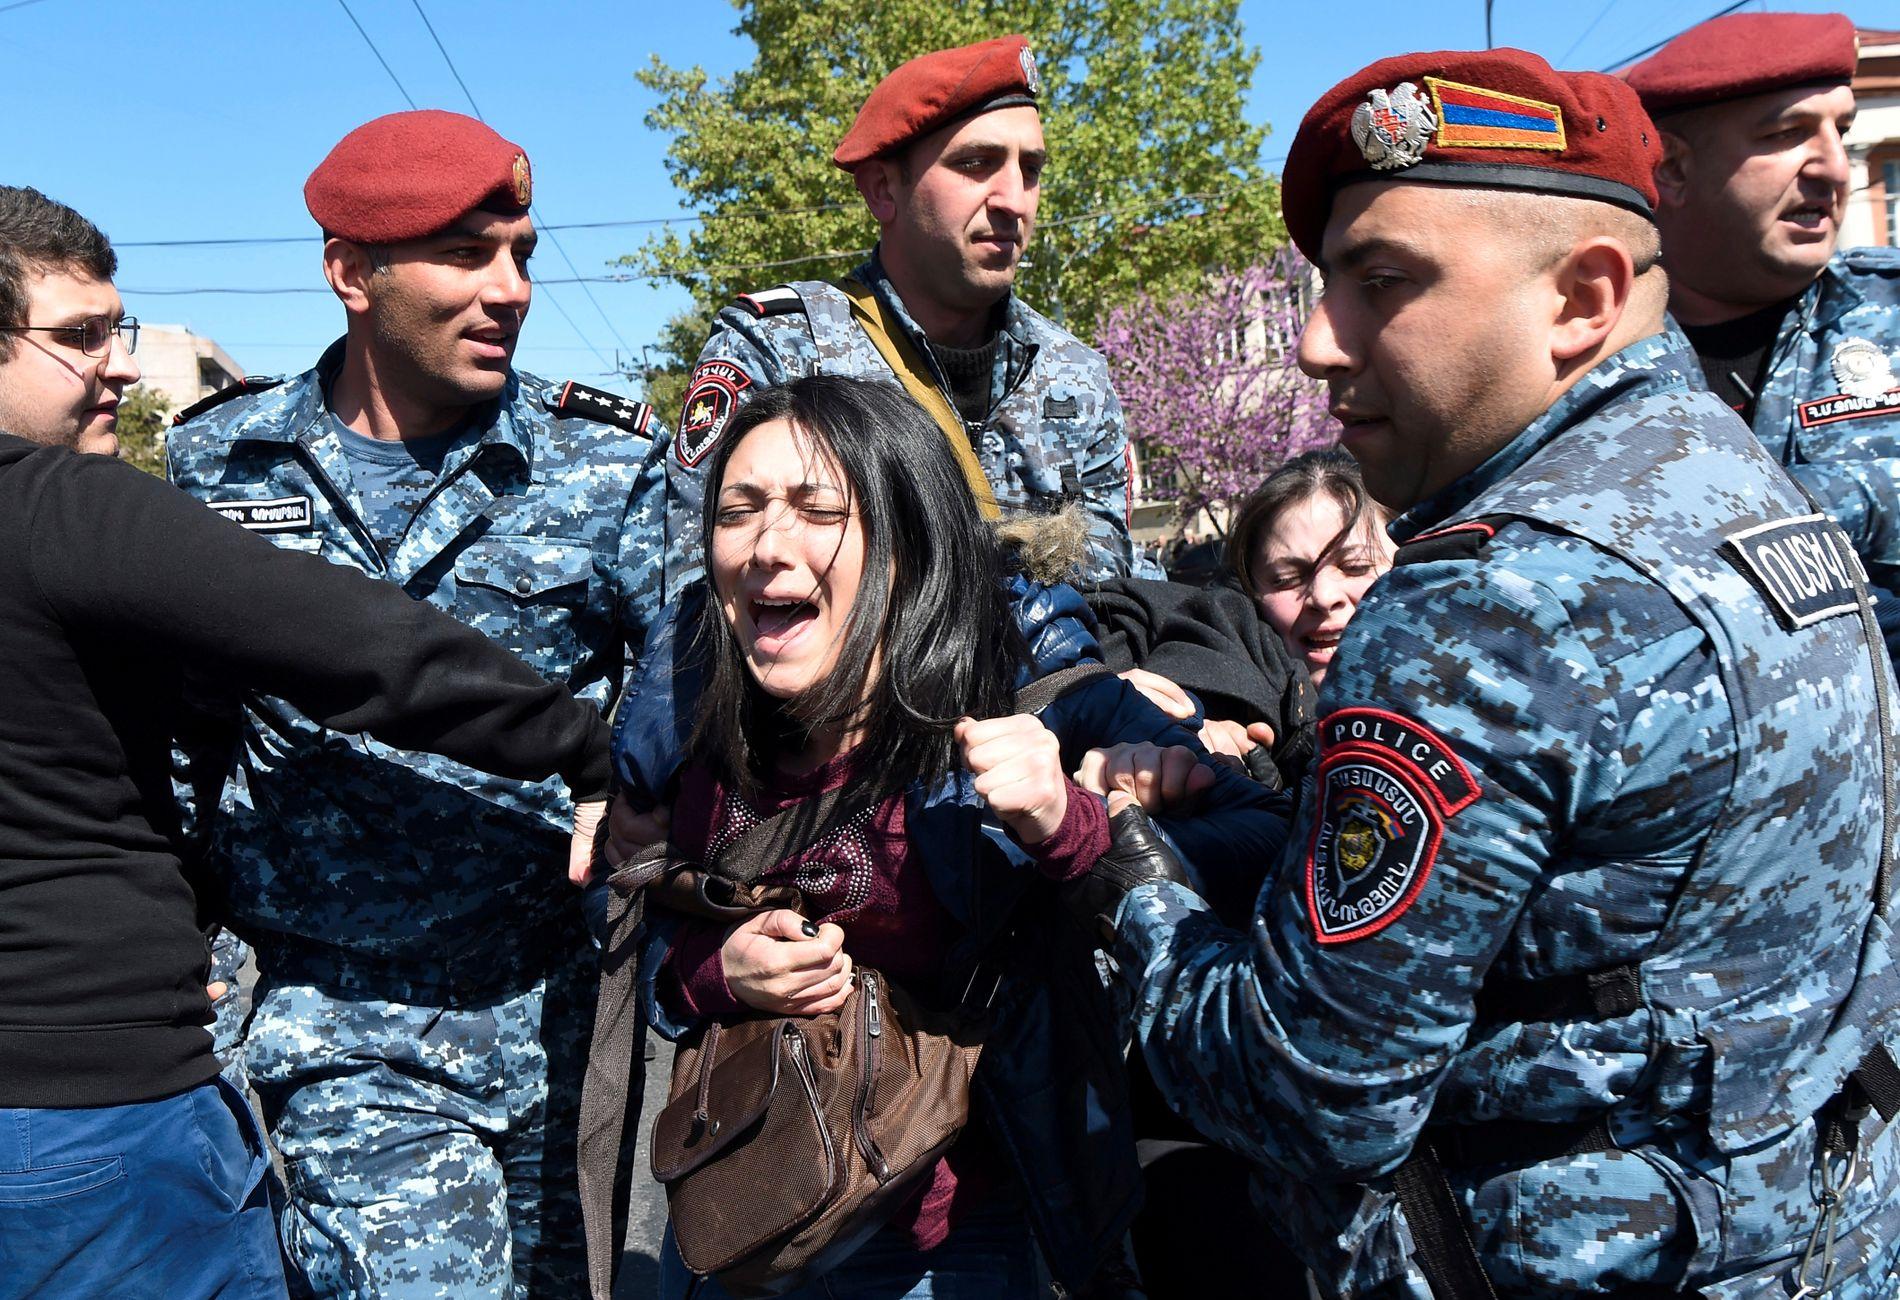 STEILE FRONTER: En armensk demonstrant tas hånd om av politiet i Jerevan. Tusenvis har demonstrert mot at den tidligere presidenten skal få beholde makten i landet.